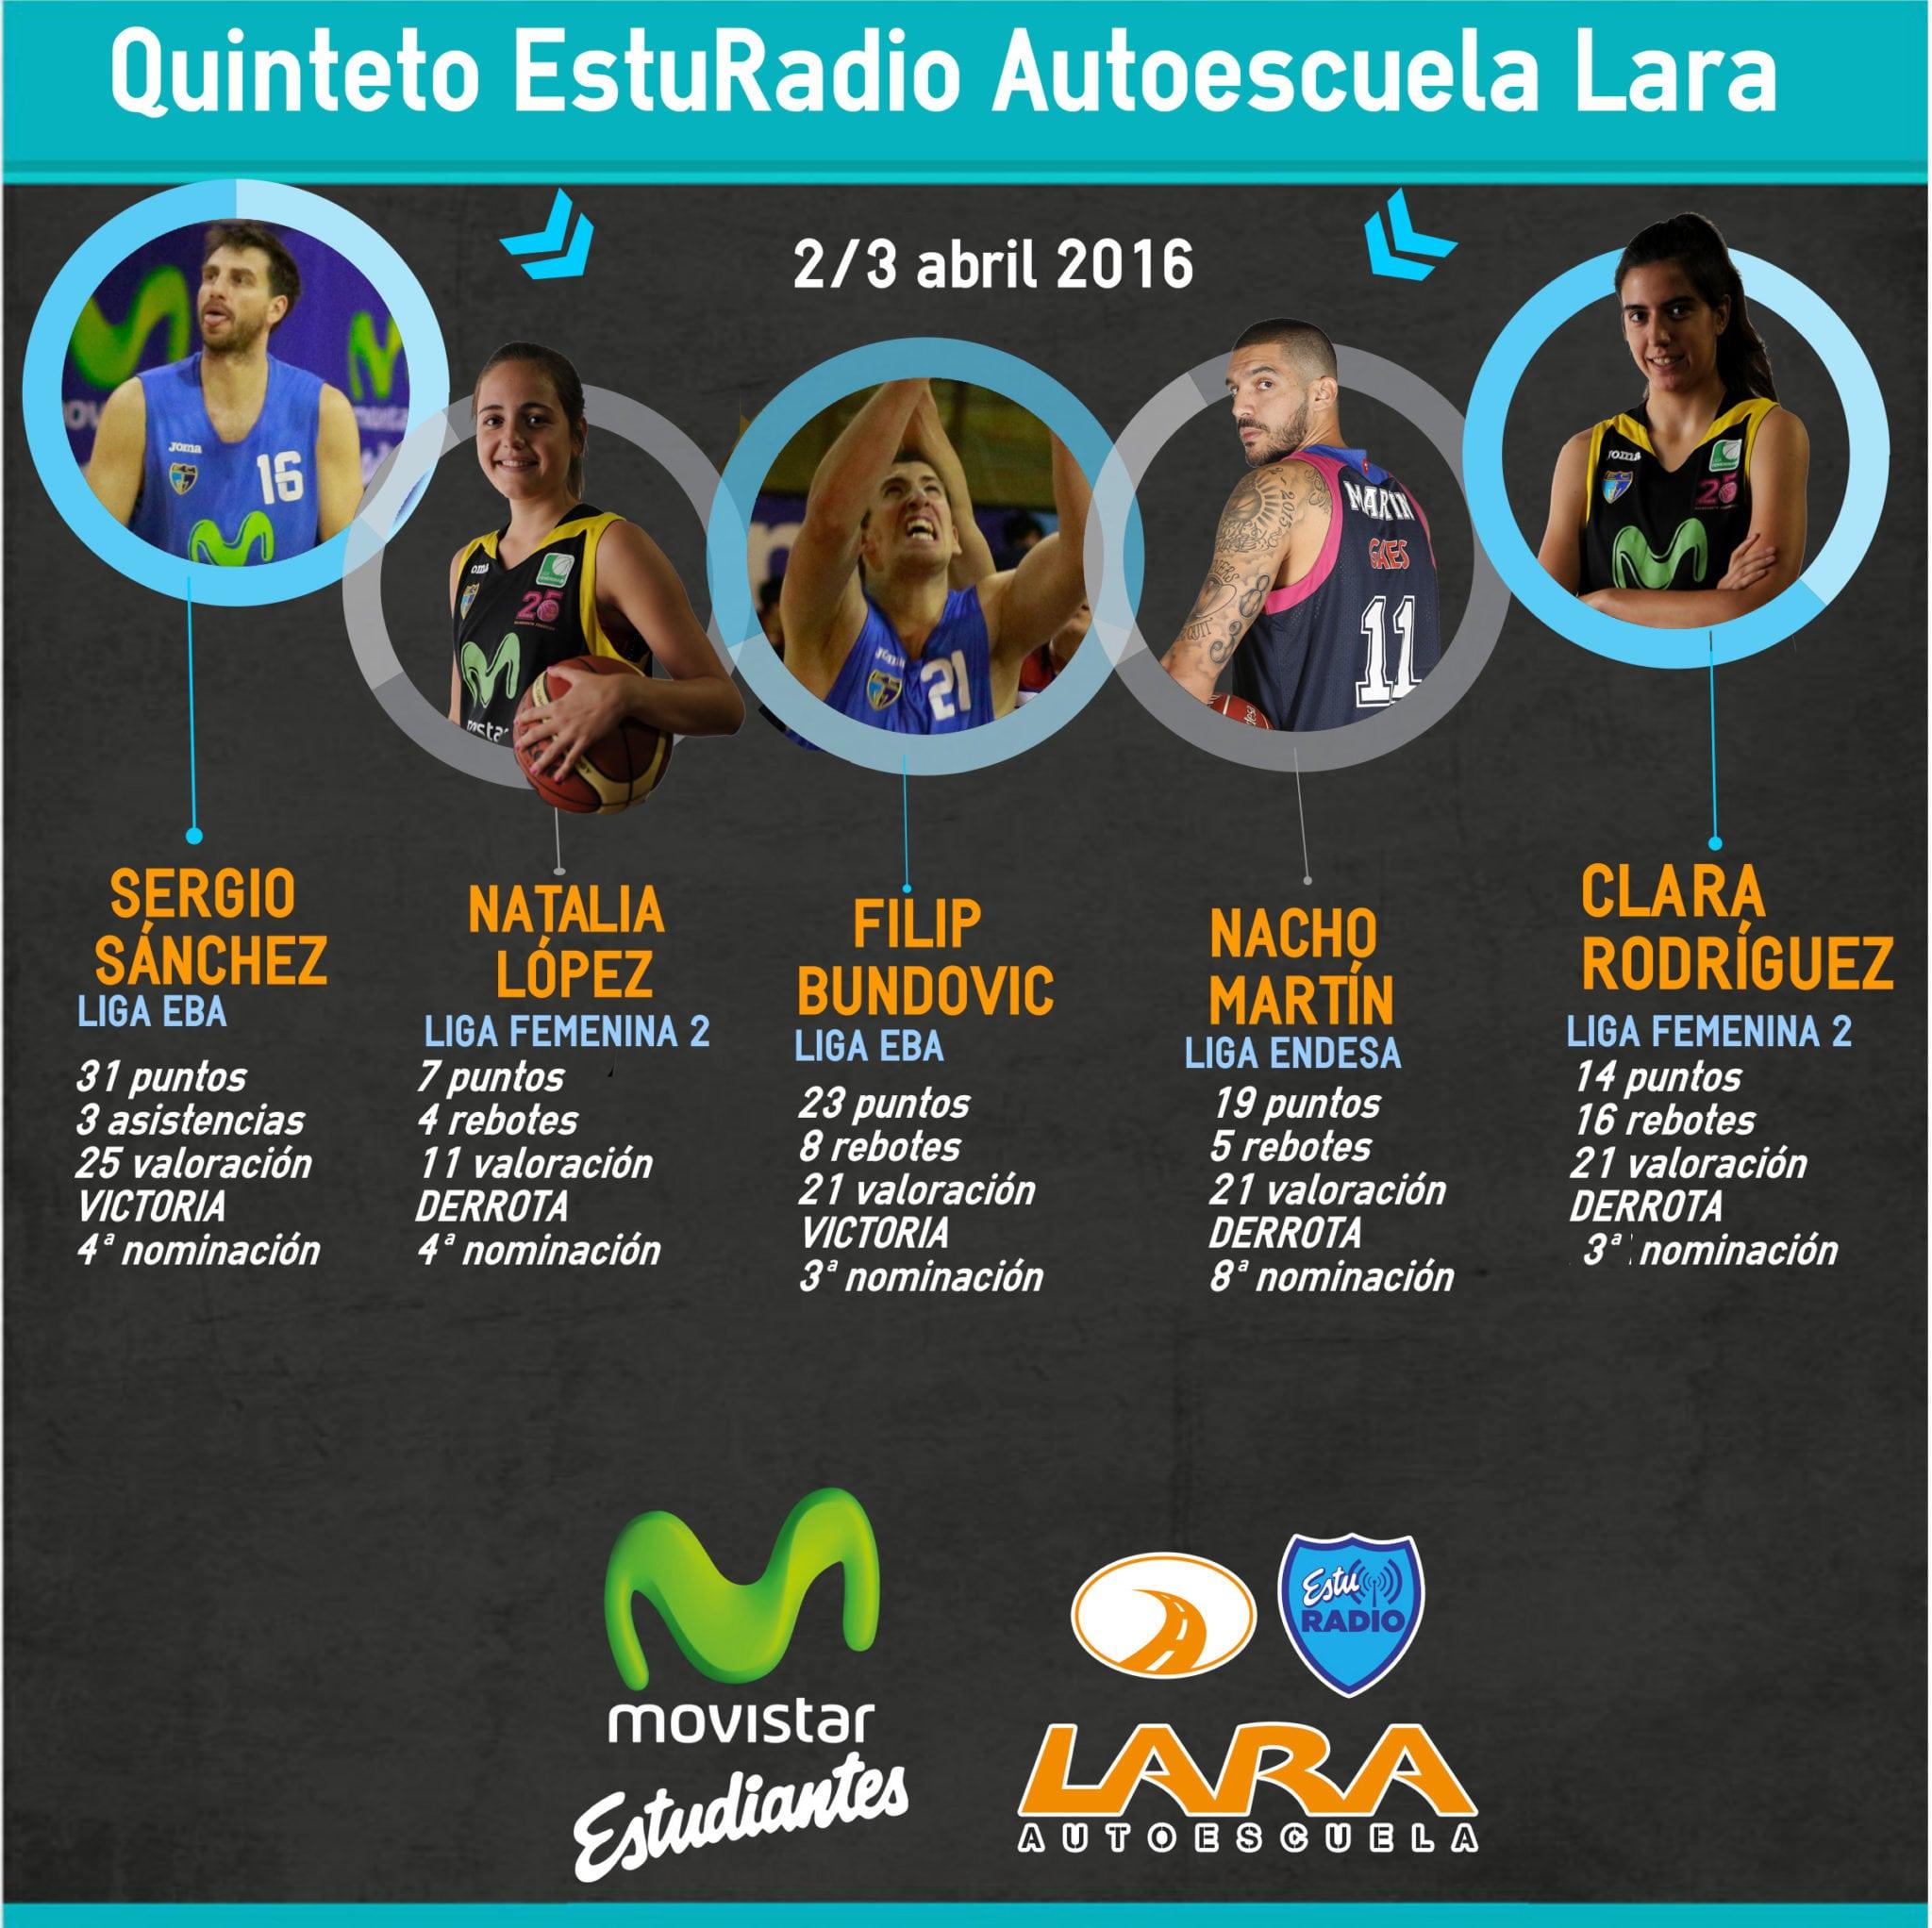 Quinteto EstuRadio Autoescuela Lara : Sergio Sánchez, Natalia López, Filip Bundovic, Nacho Martín y Clara Rodríguez